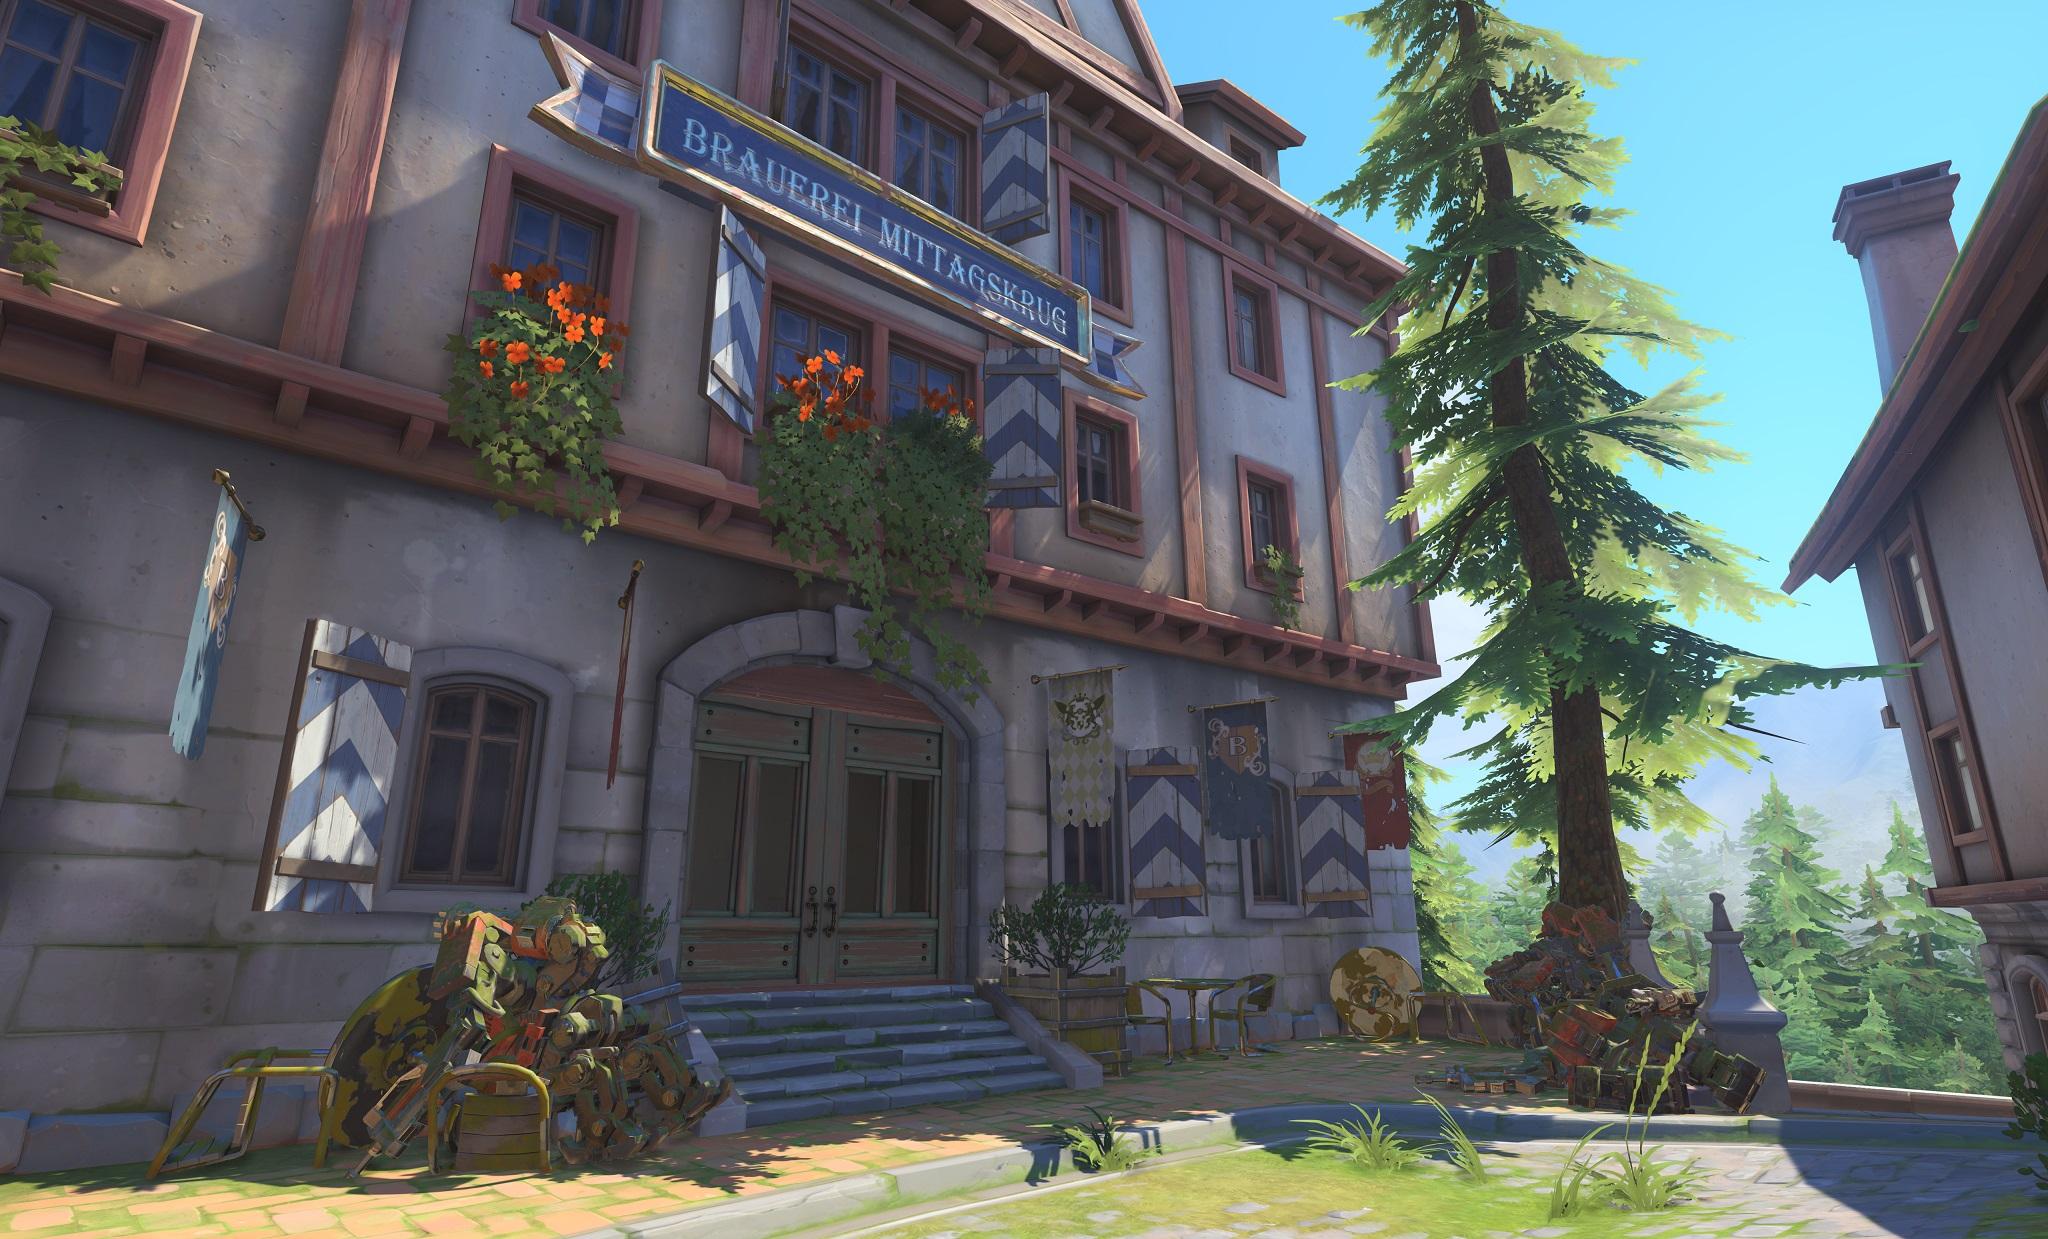 Nová mapa pro Overwatch nás zavede do hradu a přilehlého městečka v Německu 128669